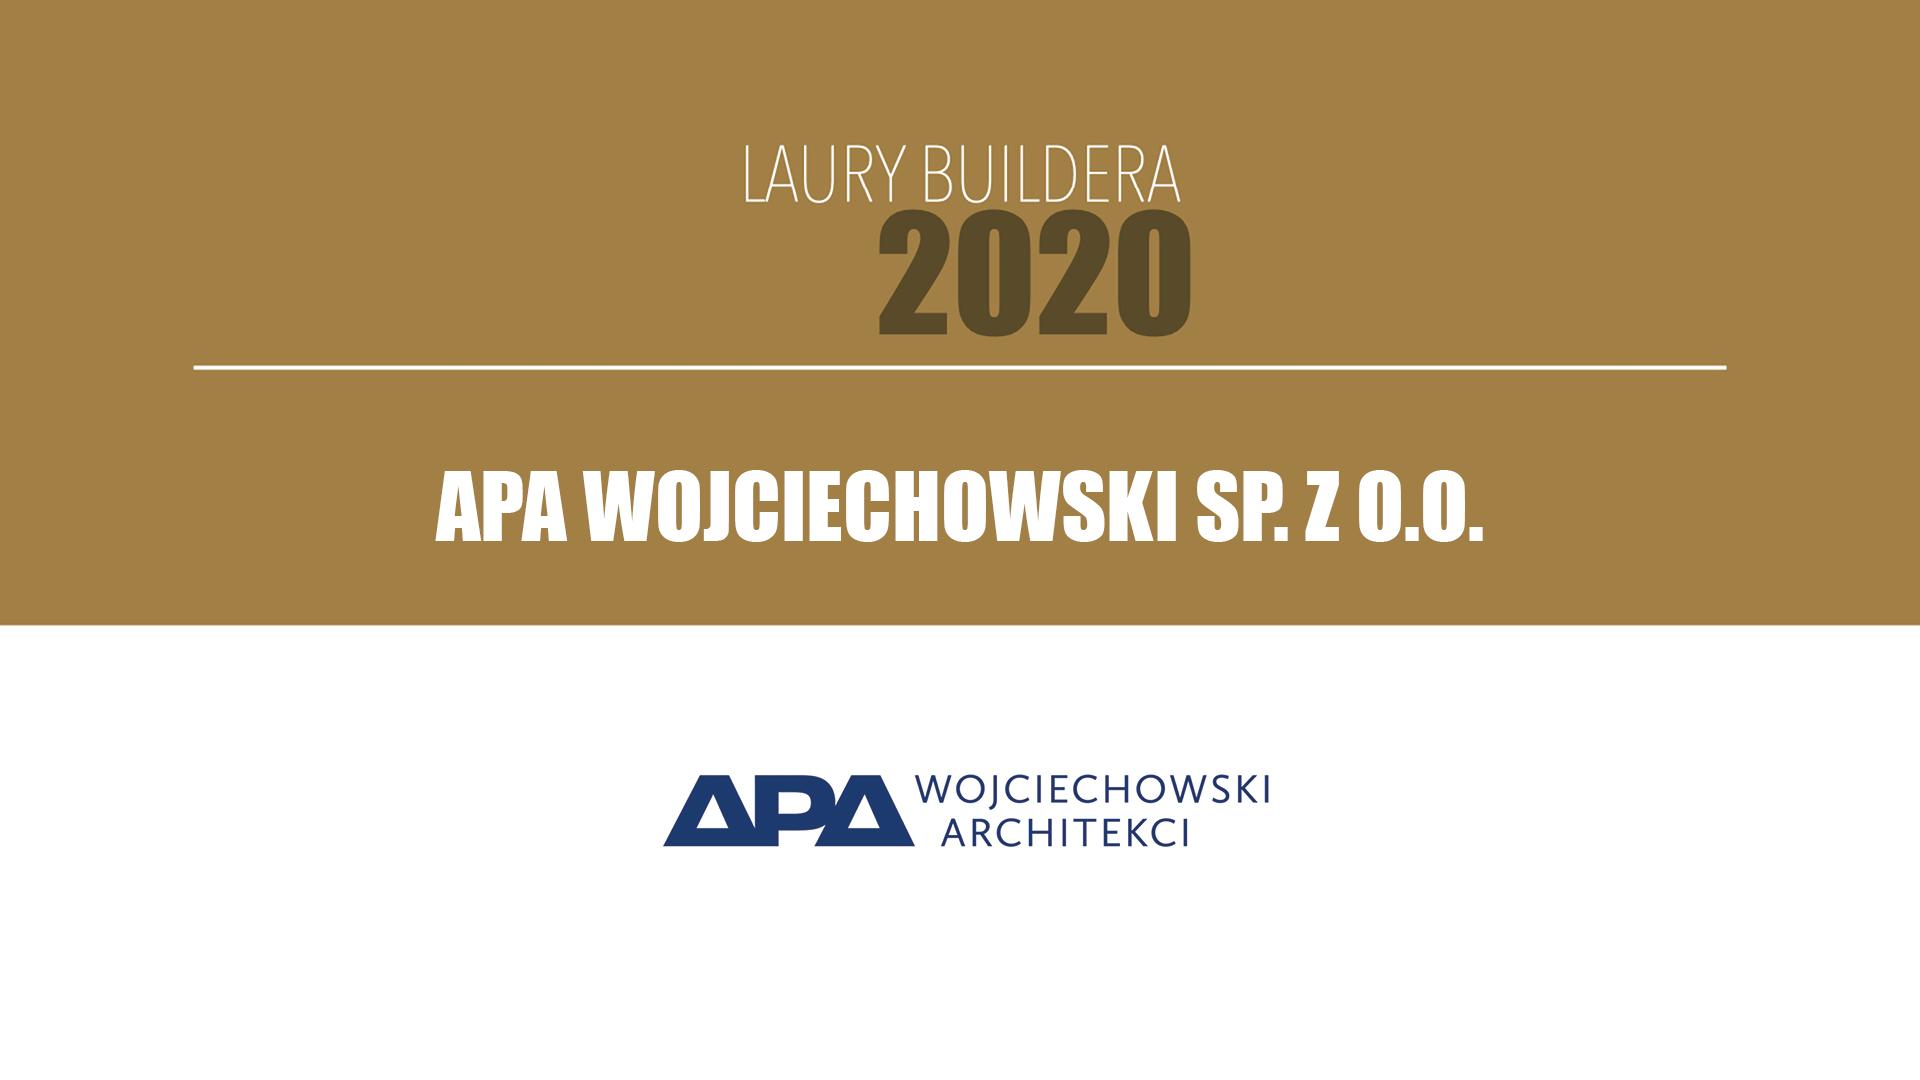 Apa Wojciechowski Sp. z o.o.  – LAURY BUILDERA 2020